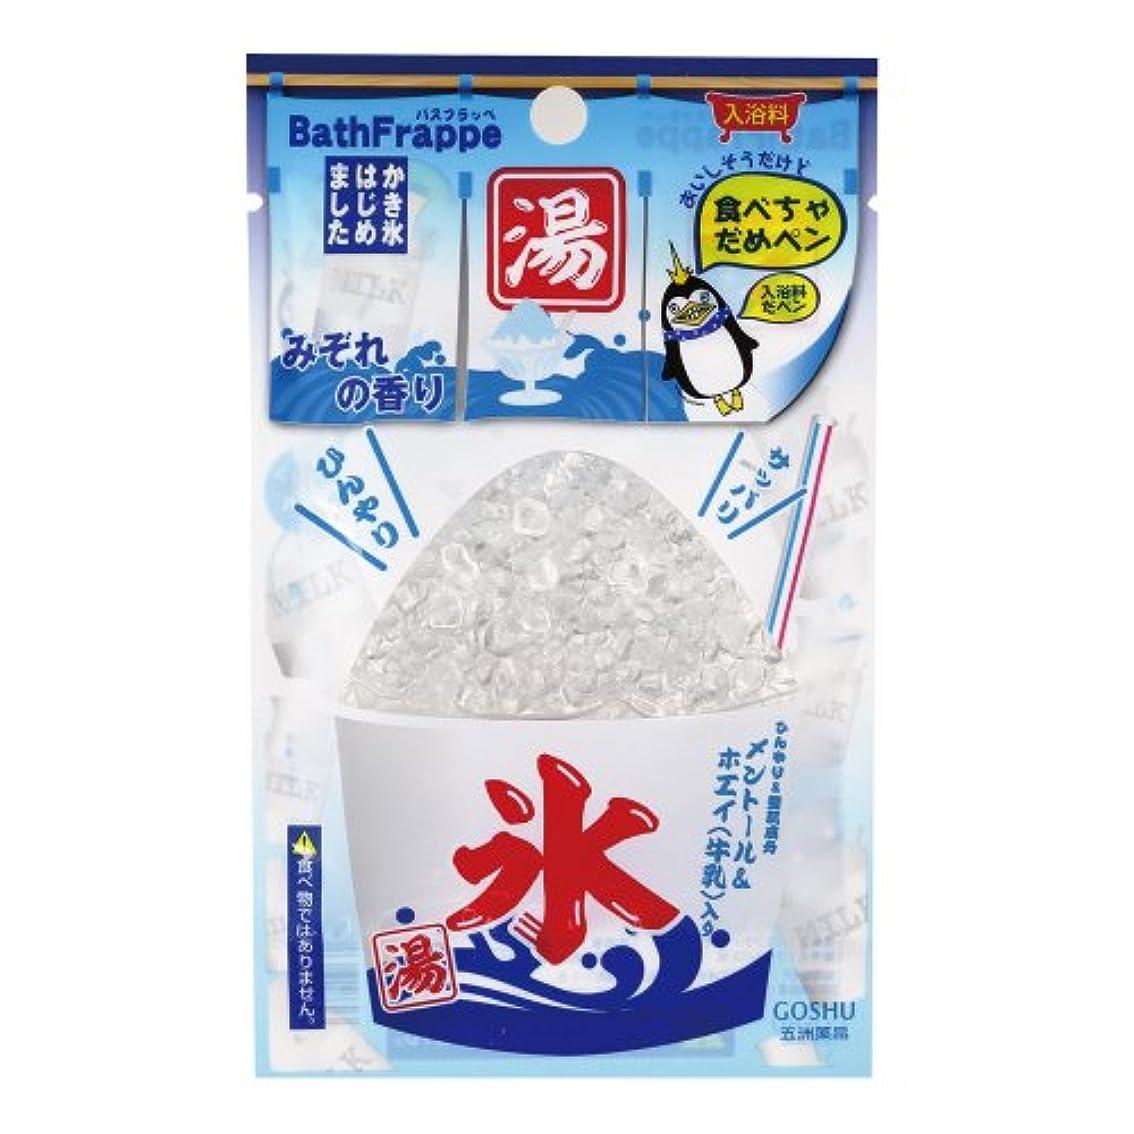 セマフォスコアエステート五洲薬品 かき氷風入浴剤 バスフラッペ みぞれの香り 1箱(10包入)